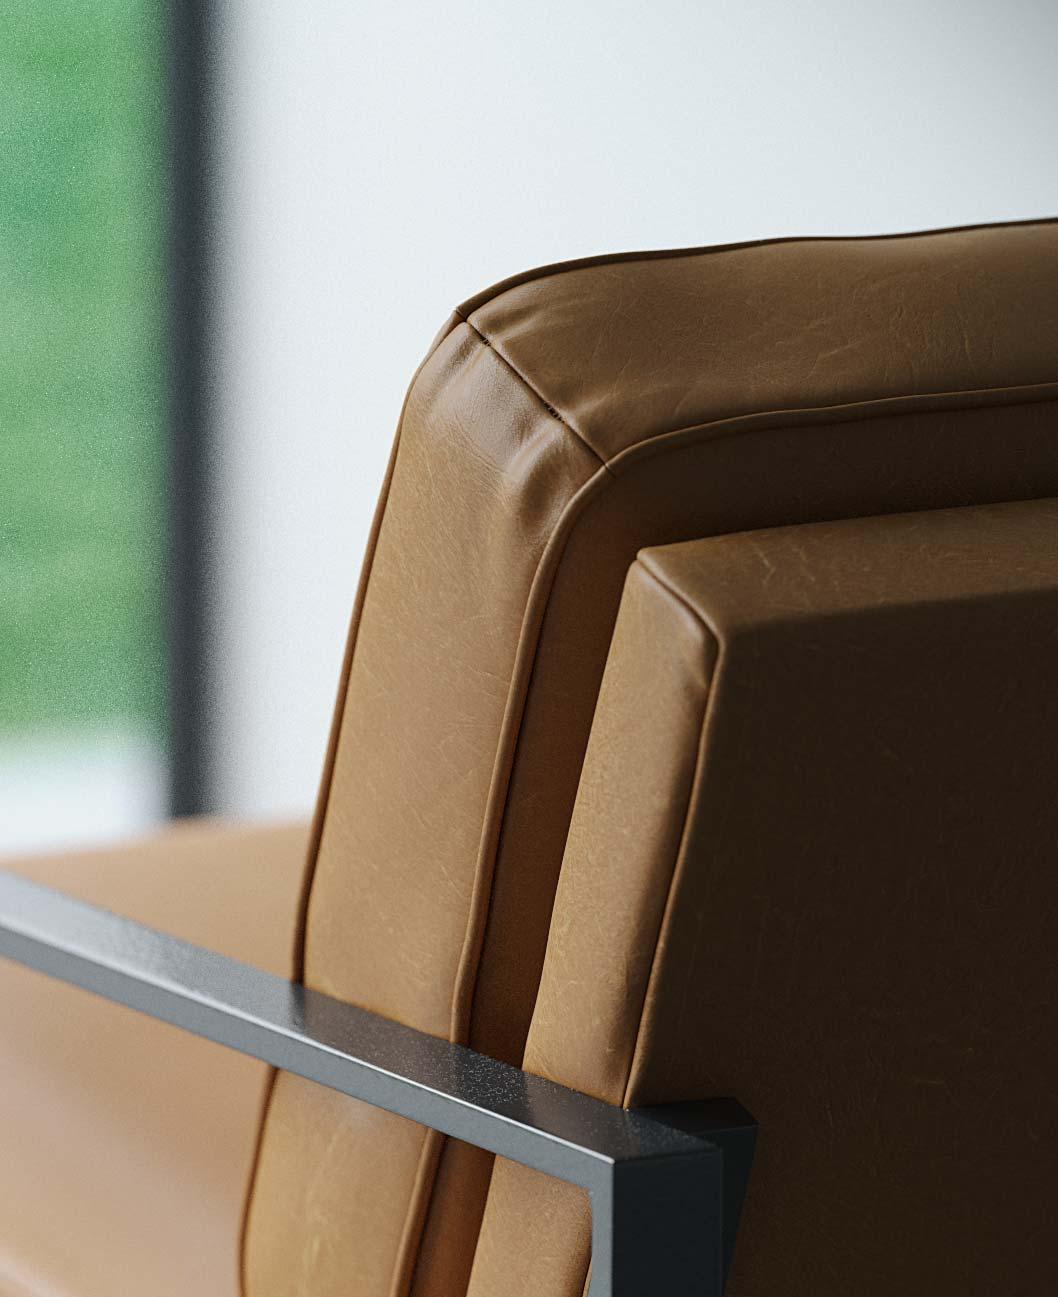 framechairdetail01